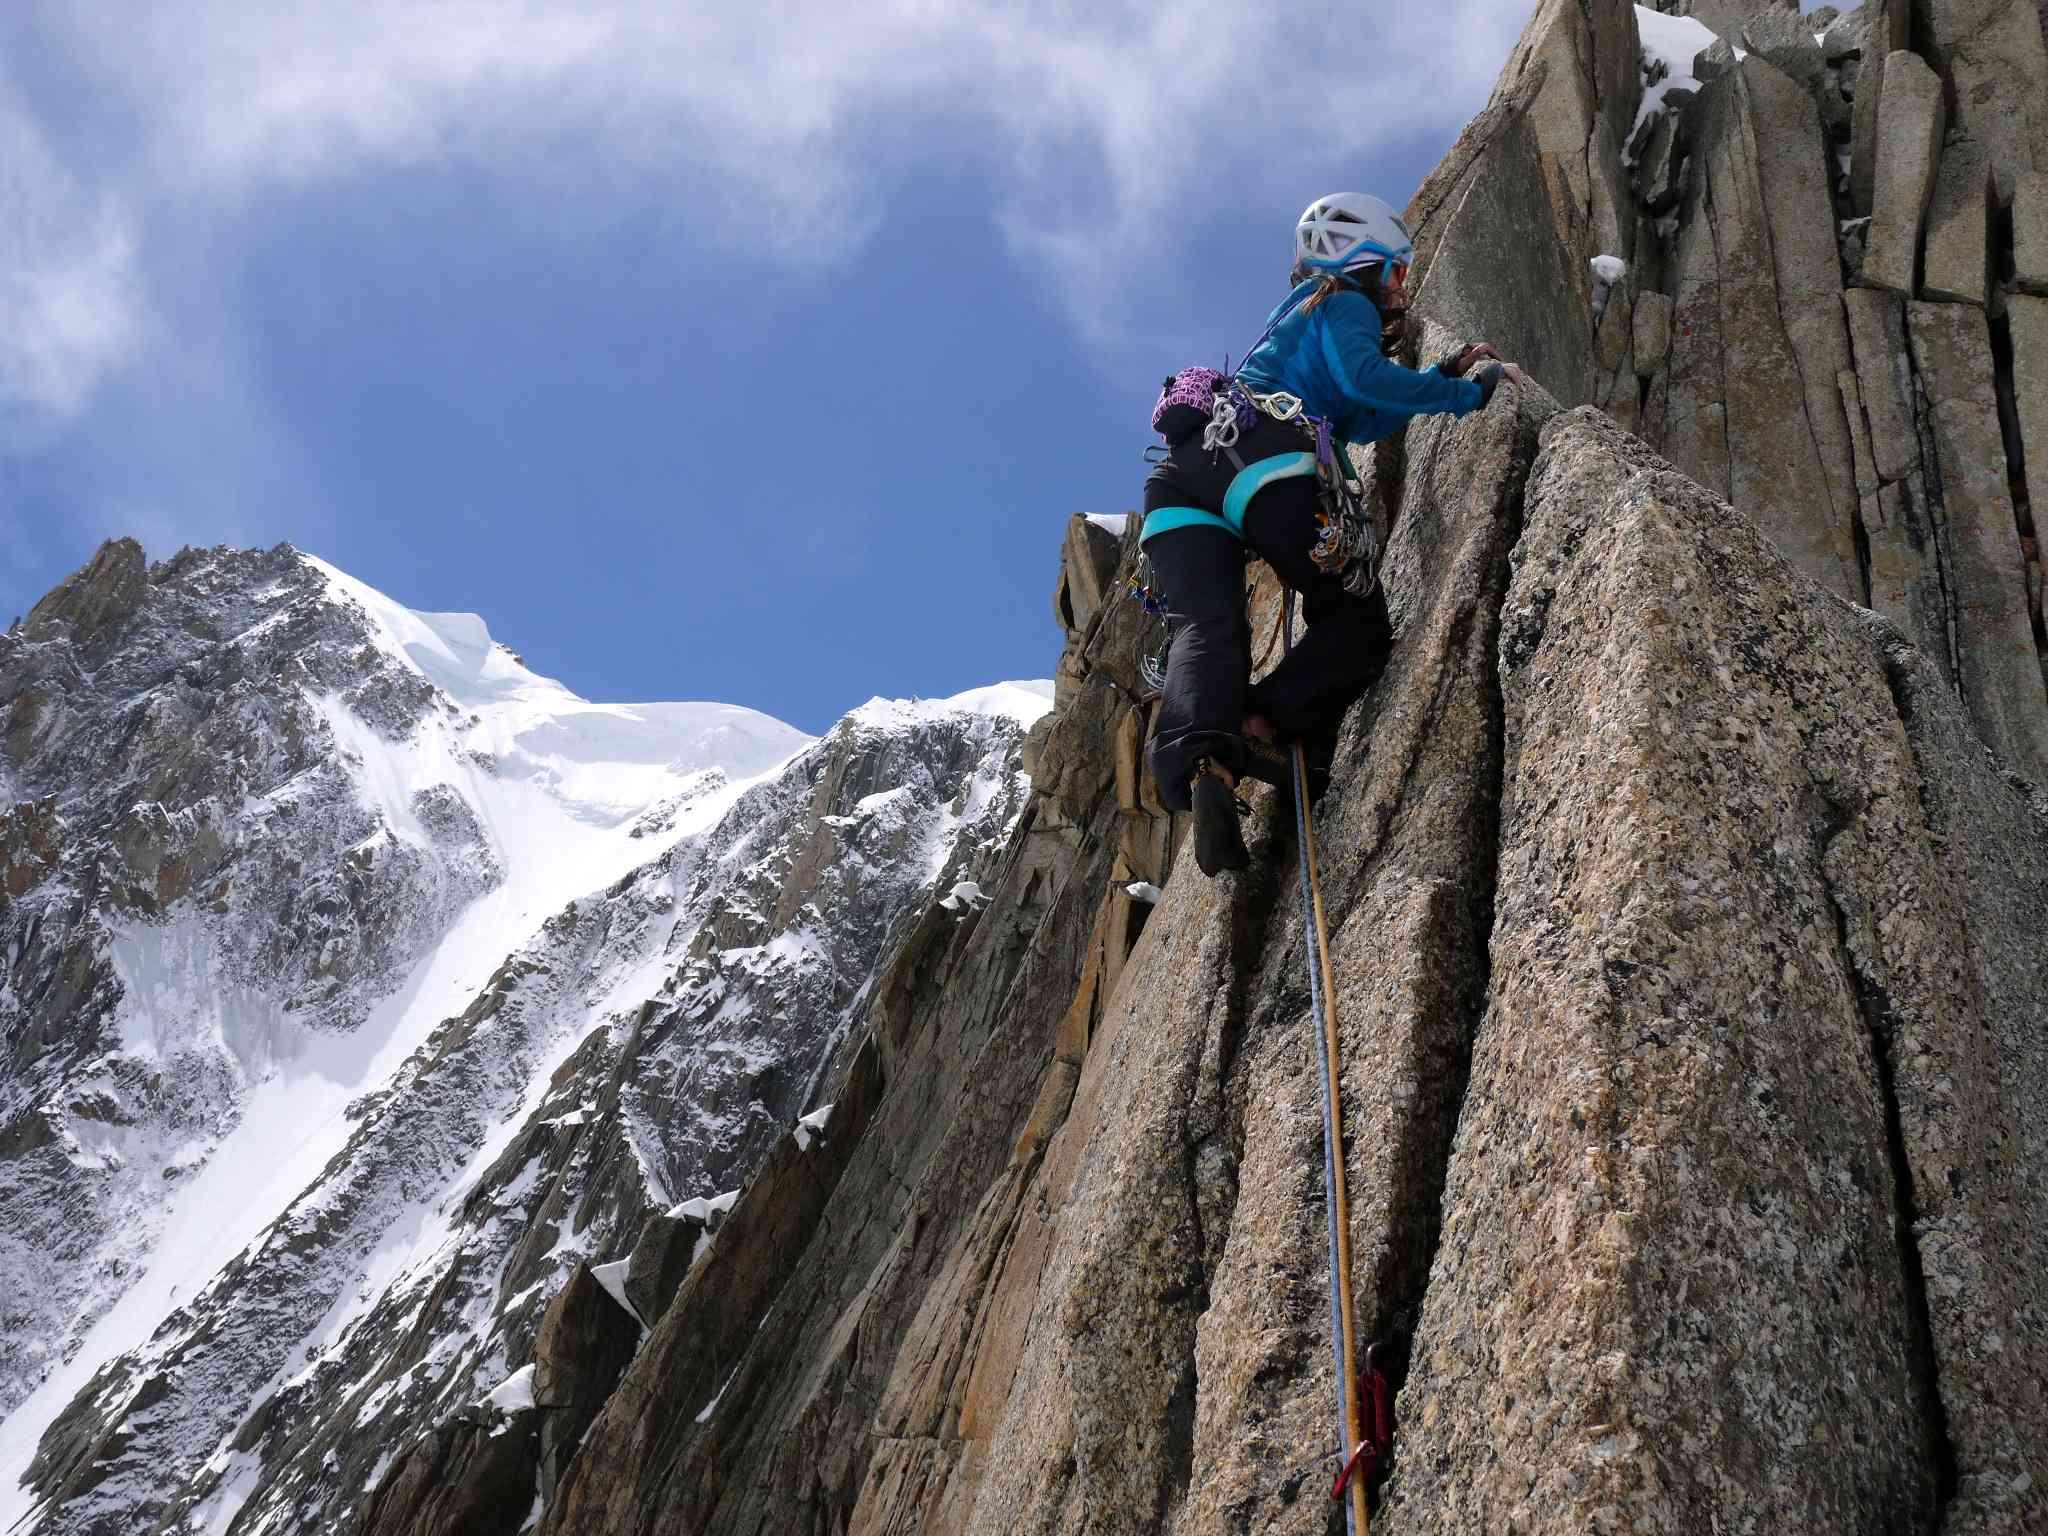 Pointe Lachenal, Harold e Maud Chamonix Rock Climbing